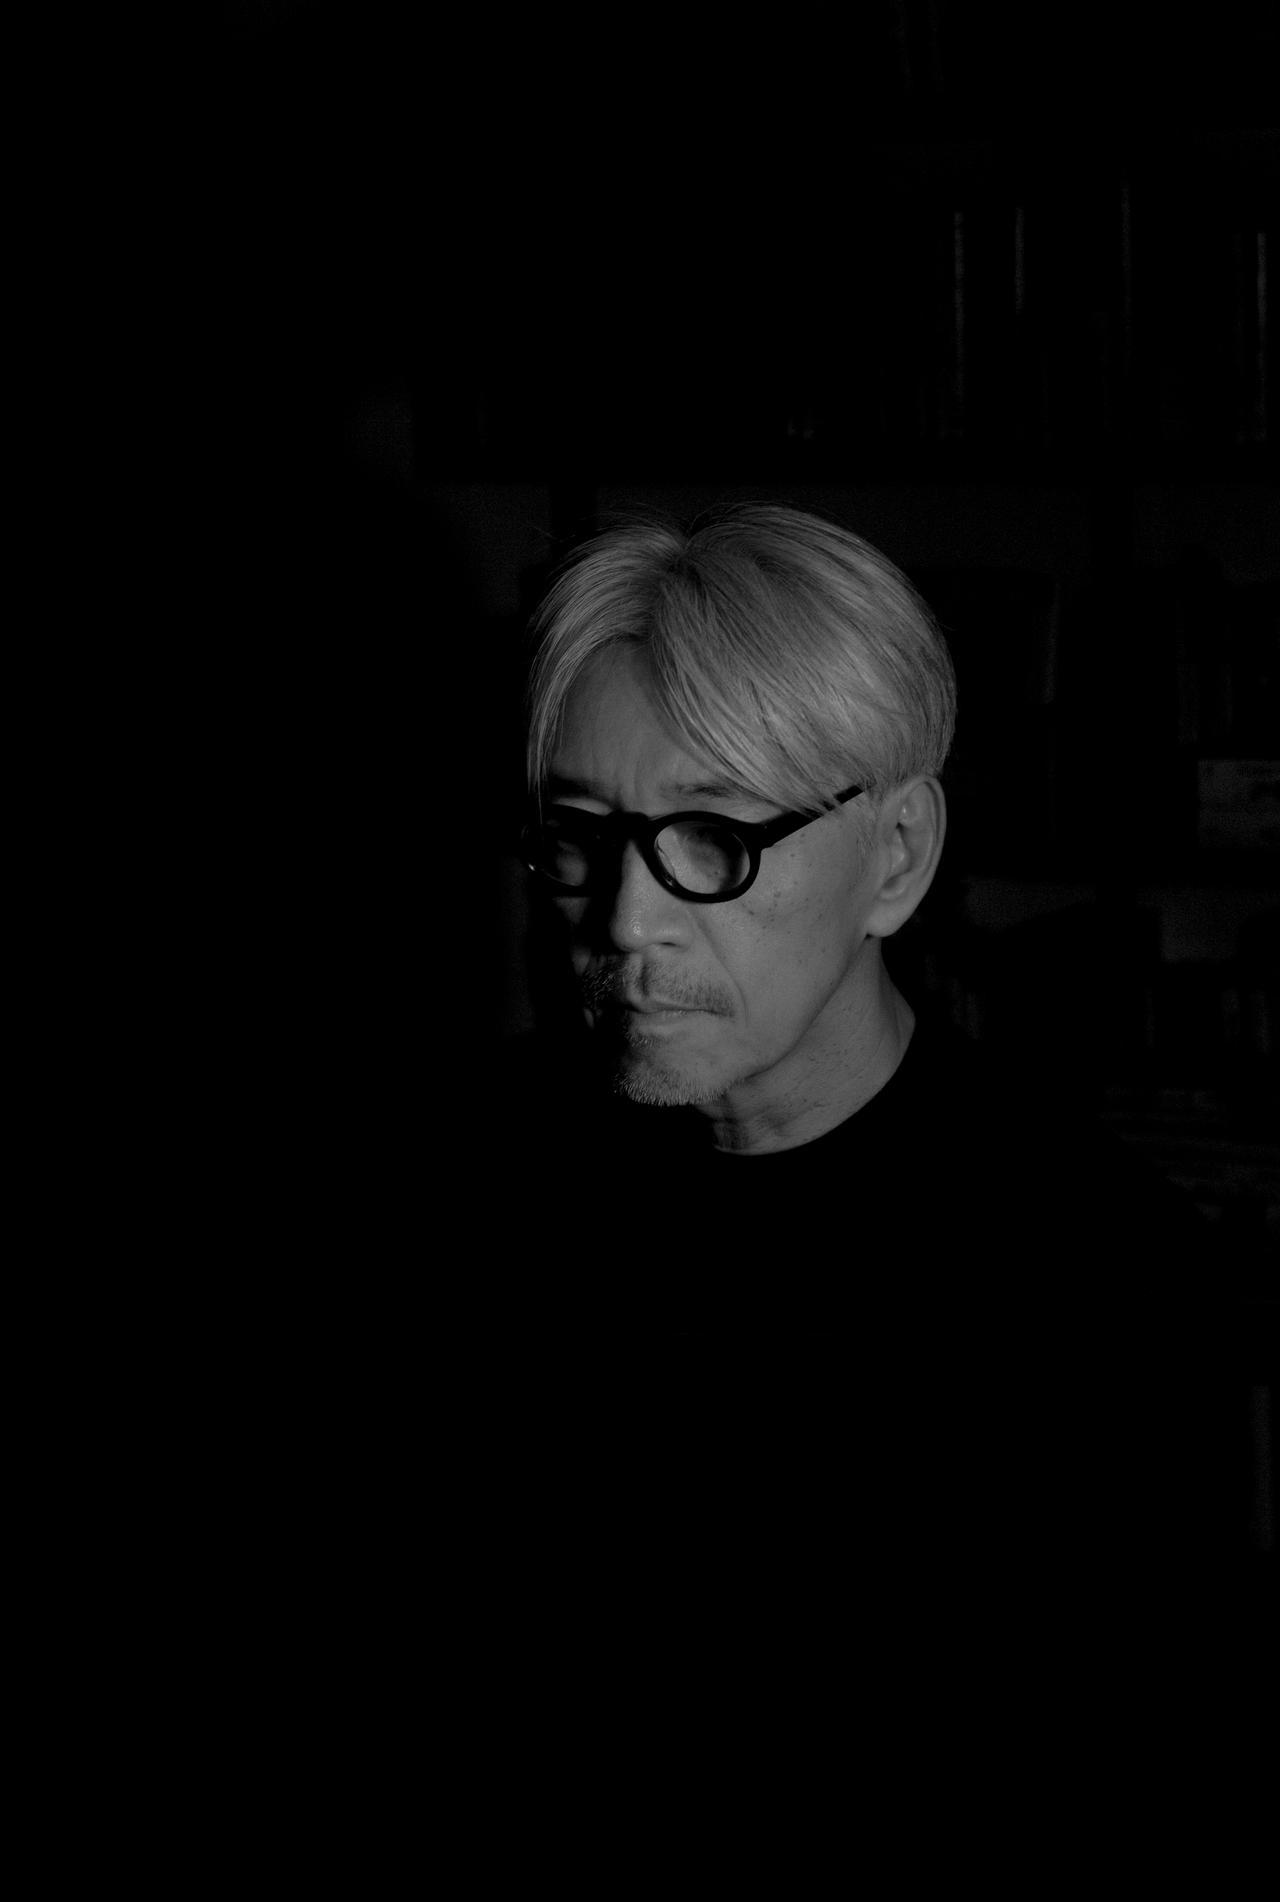 画像: <坂本龍一(さかもとりゅういち)プロフィール> 1952 年東京生まれ。1978 年「千のナイフ」でソロデビュー。同年「YMO」を結成。散開後も多方面で活躍。『戦場のメリークリスマス』で英国アカデミー賞 を、『ラ ストエンペラー』の音楽ではアカデミーオリジナル音楽作曲賞、グラ ミー賞他を受賞。常に革新的なサウンドを追求する姿勢は世界的評価を得ている。環境や平和 問題への言及も多く、森林保全団体「more trees」の創設、「stop rokkasho」、「NO NUKES」などの活動で脱原発を表明、音楽を通じた東北地方太平洋 沖地震被災者支援活動も行っている。2013 年は山口情報芸術センター(YCAM)10 周年事業のアーティスティック・ディレクター、2014 年は札幌国際芸術 祭 2014のゲストディレクターとしてアート界への越境も積極的に行っている。2014年7月、中咽頭癌の罹患を発表したが、1年に渡る治療と療養を経て2015 年、山田洋次監督作品『母と暮せば』とアレハンドロ・G・イニャリトゥ監督作品『レヴェナント:蘇えりし者』の音楽制作で復帰を果たし、2016 年には李相日監督 作品『怒り』の音楽を担当した。2017 年 3 月には 8 年ぶりとなるソロアルバム「async」を発表。